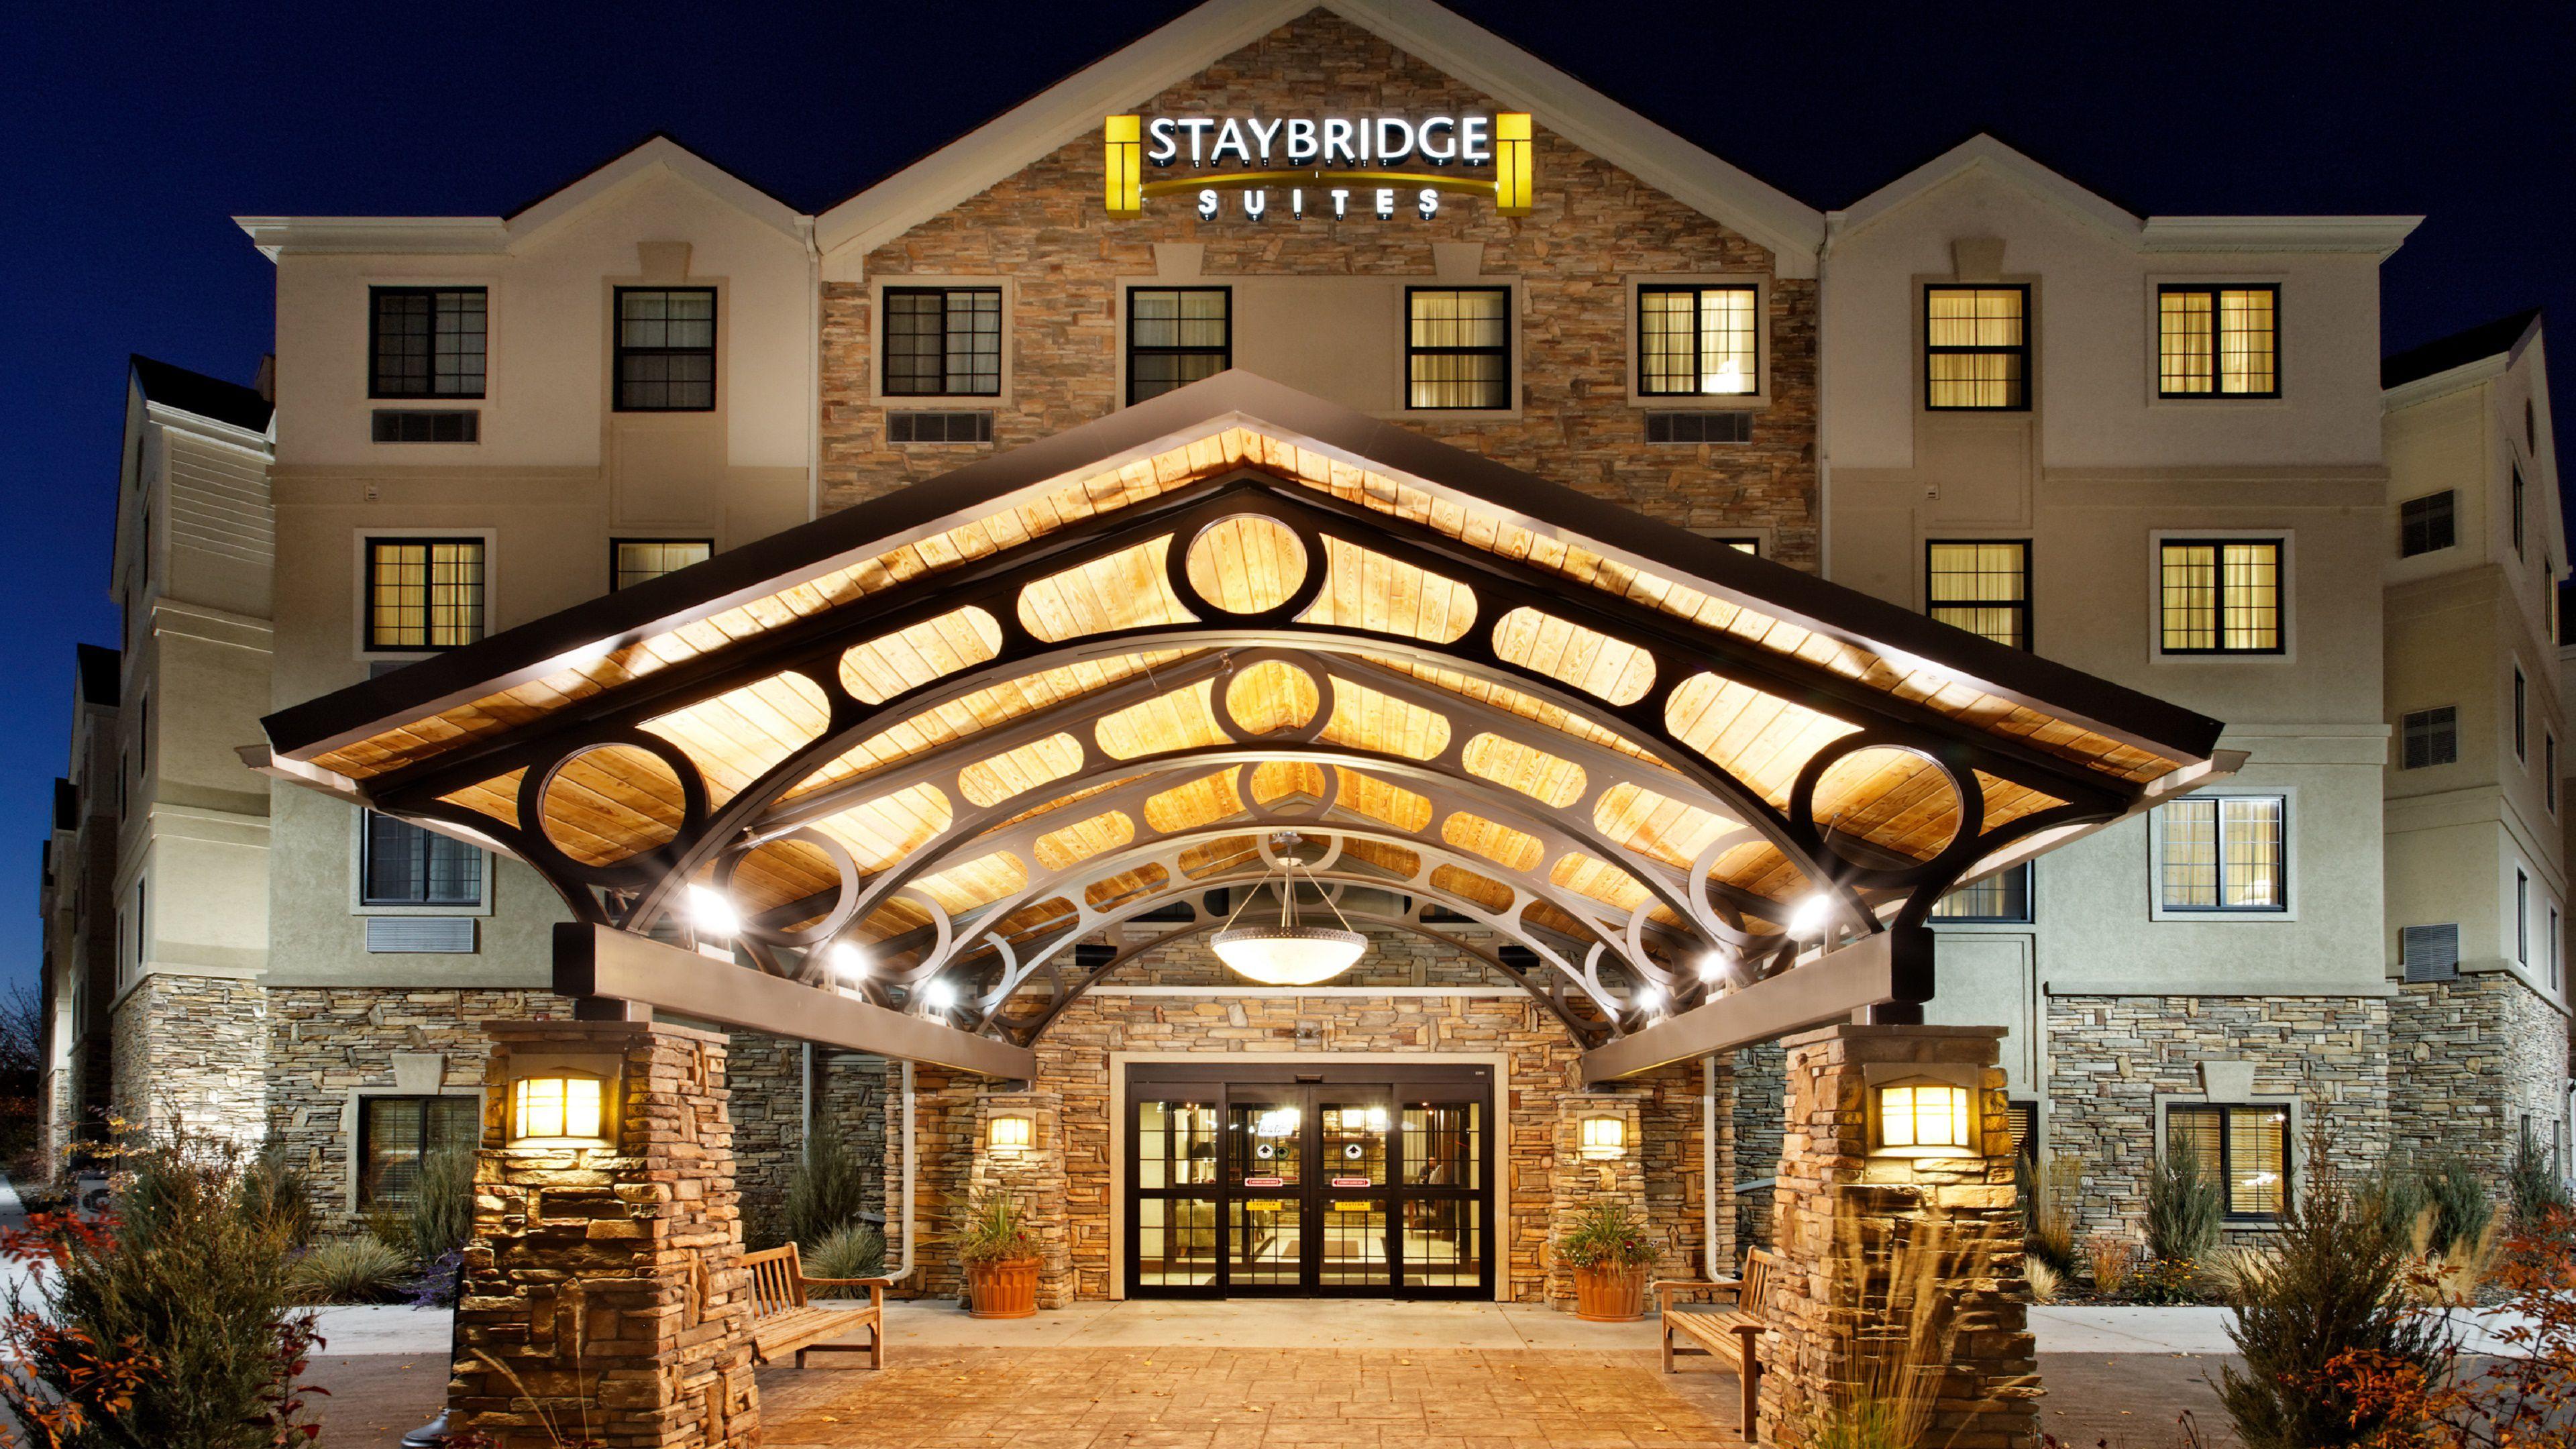 Staybridge Suites Lexington image 0